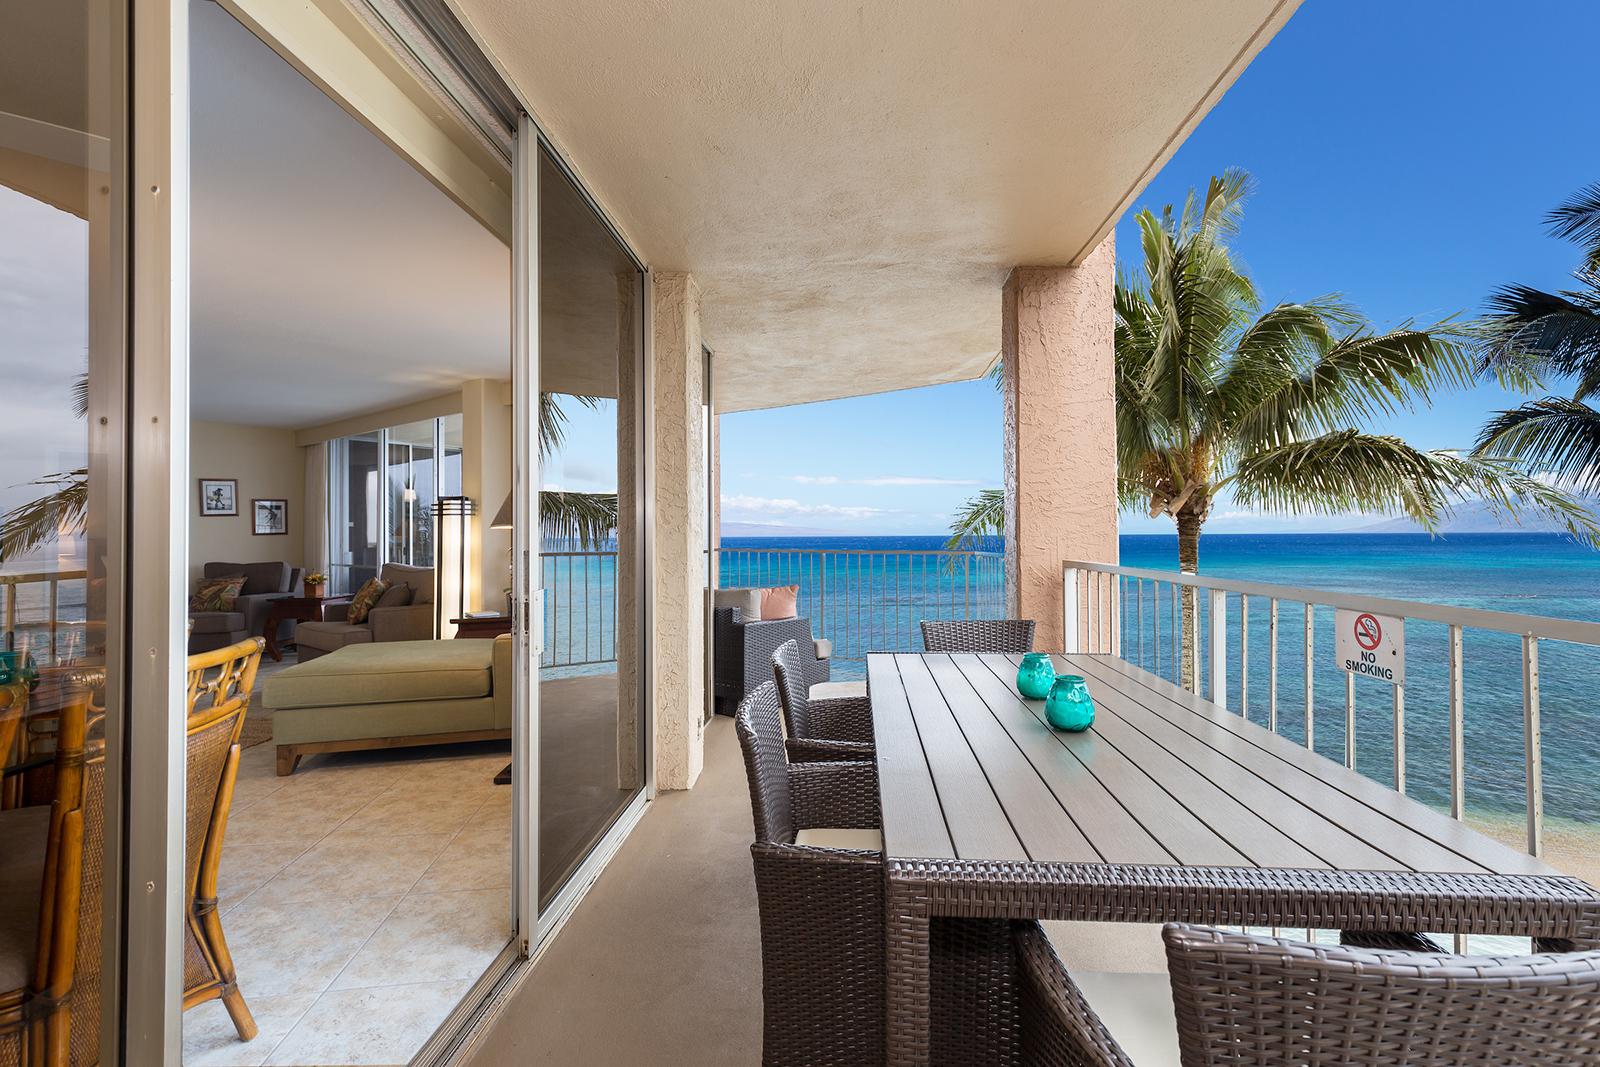 Royal-Kahana-Maui-Beach-Resort-Condos-RK510-2546.jpg